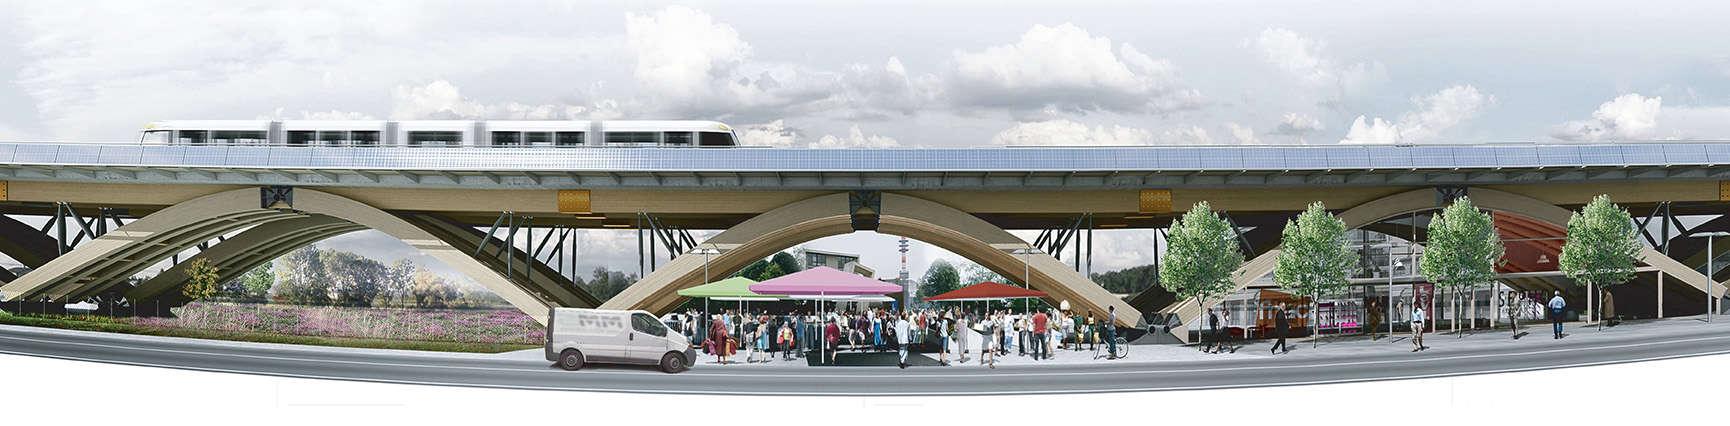 B+M Architecture - Un dispositif urbain de concertation